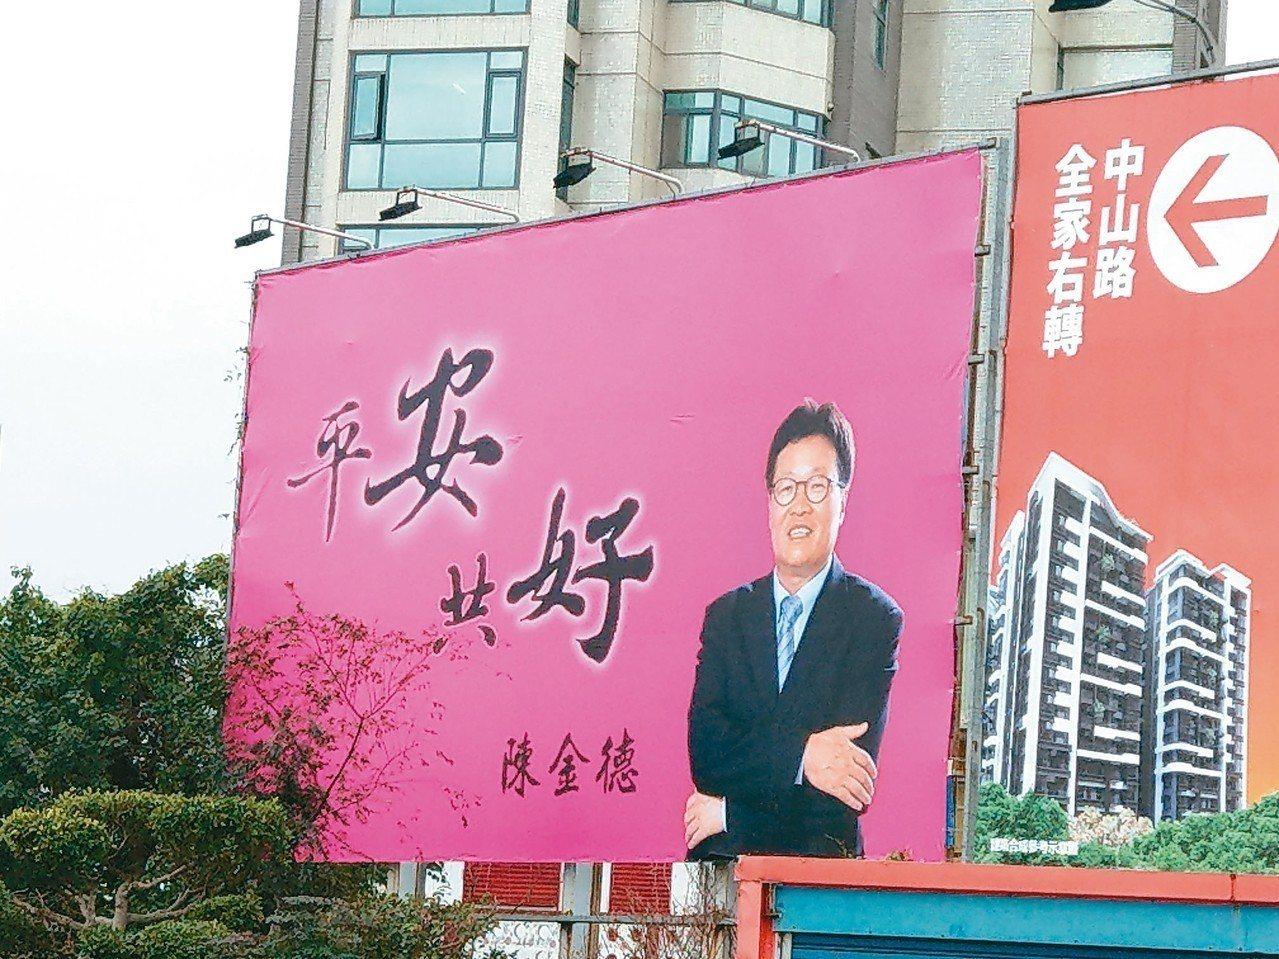 宜蘭代理縣長陳金德在街頭豎立大看板,民眾議論紛紛。 記者戴永華/攝影